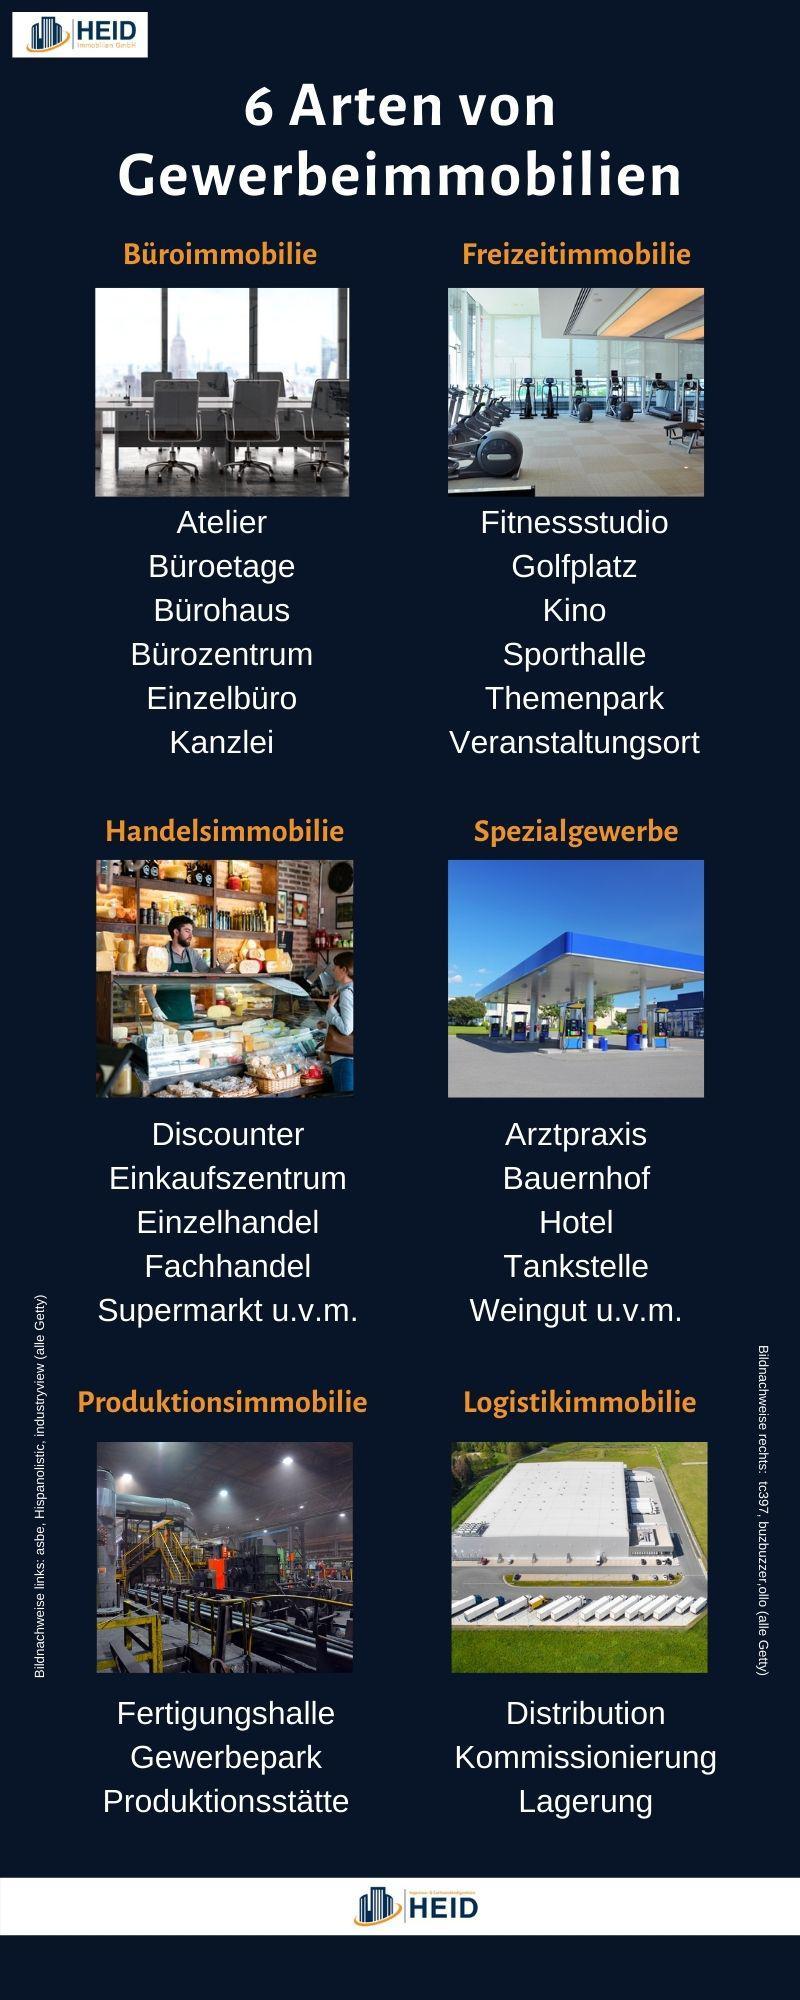 6 Arten von Gewerbeimmobilien (Infografik).